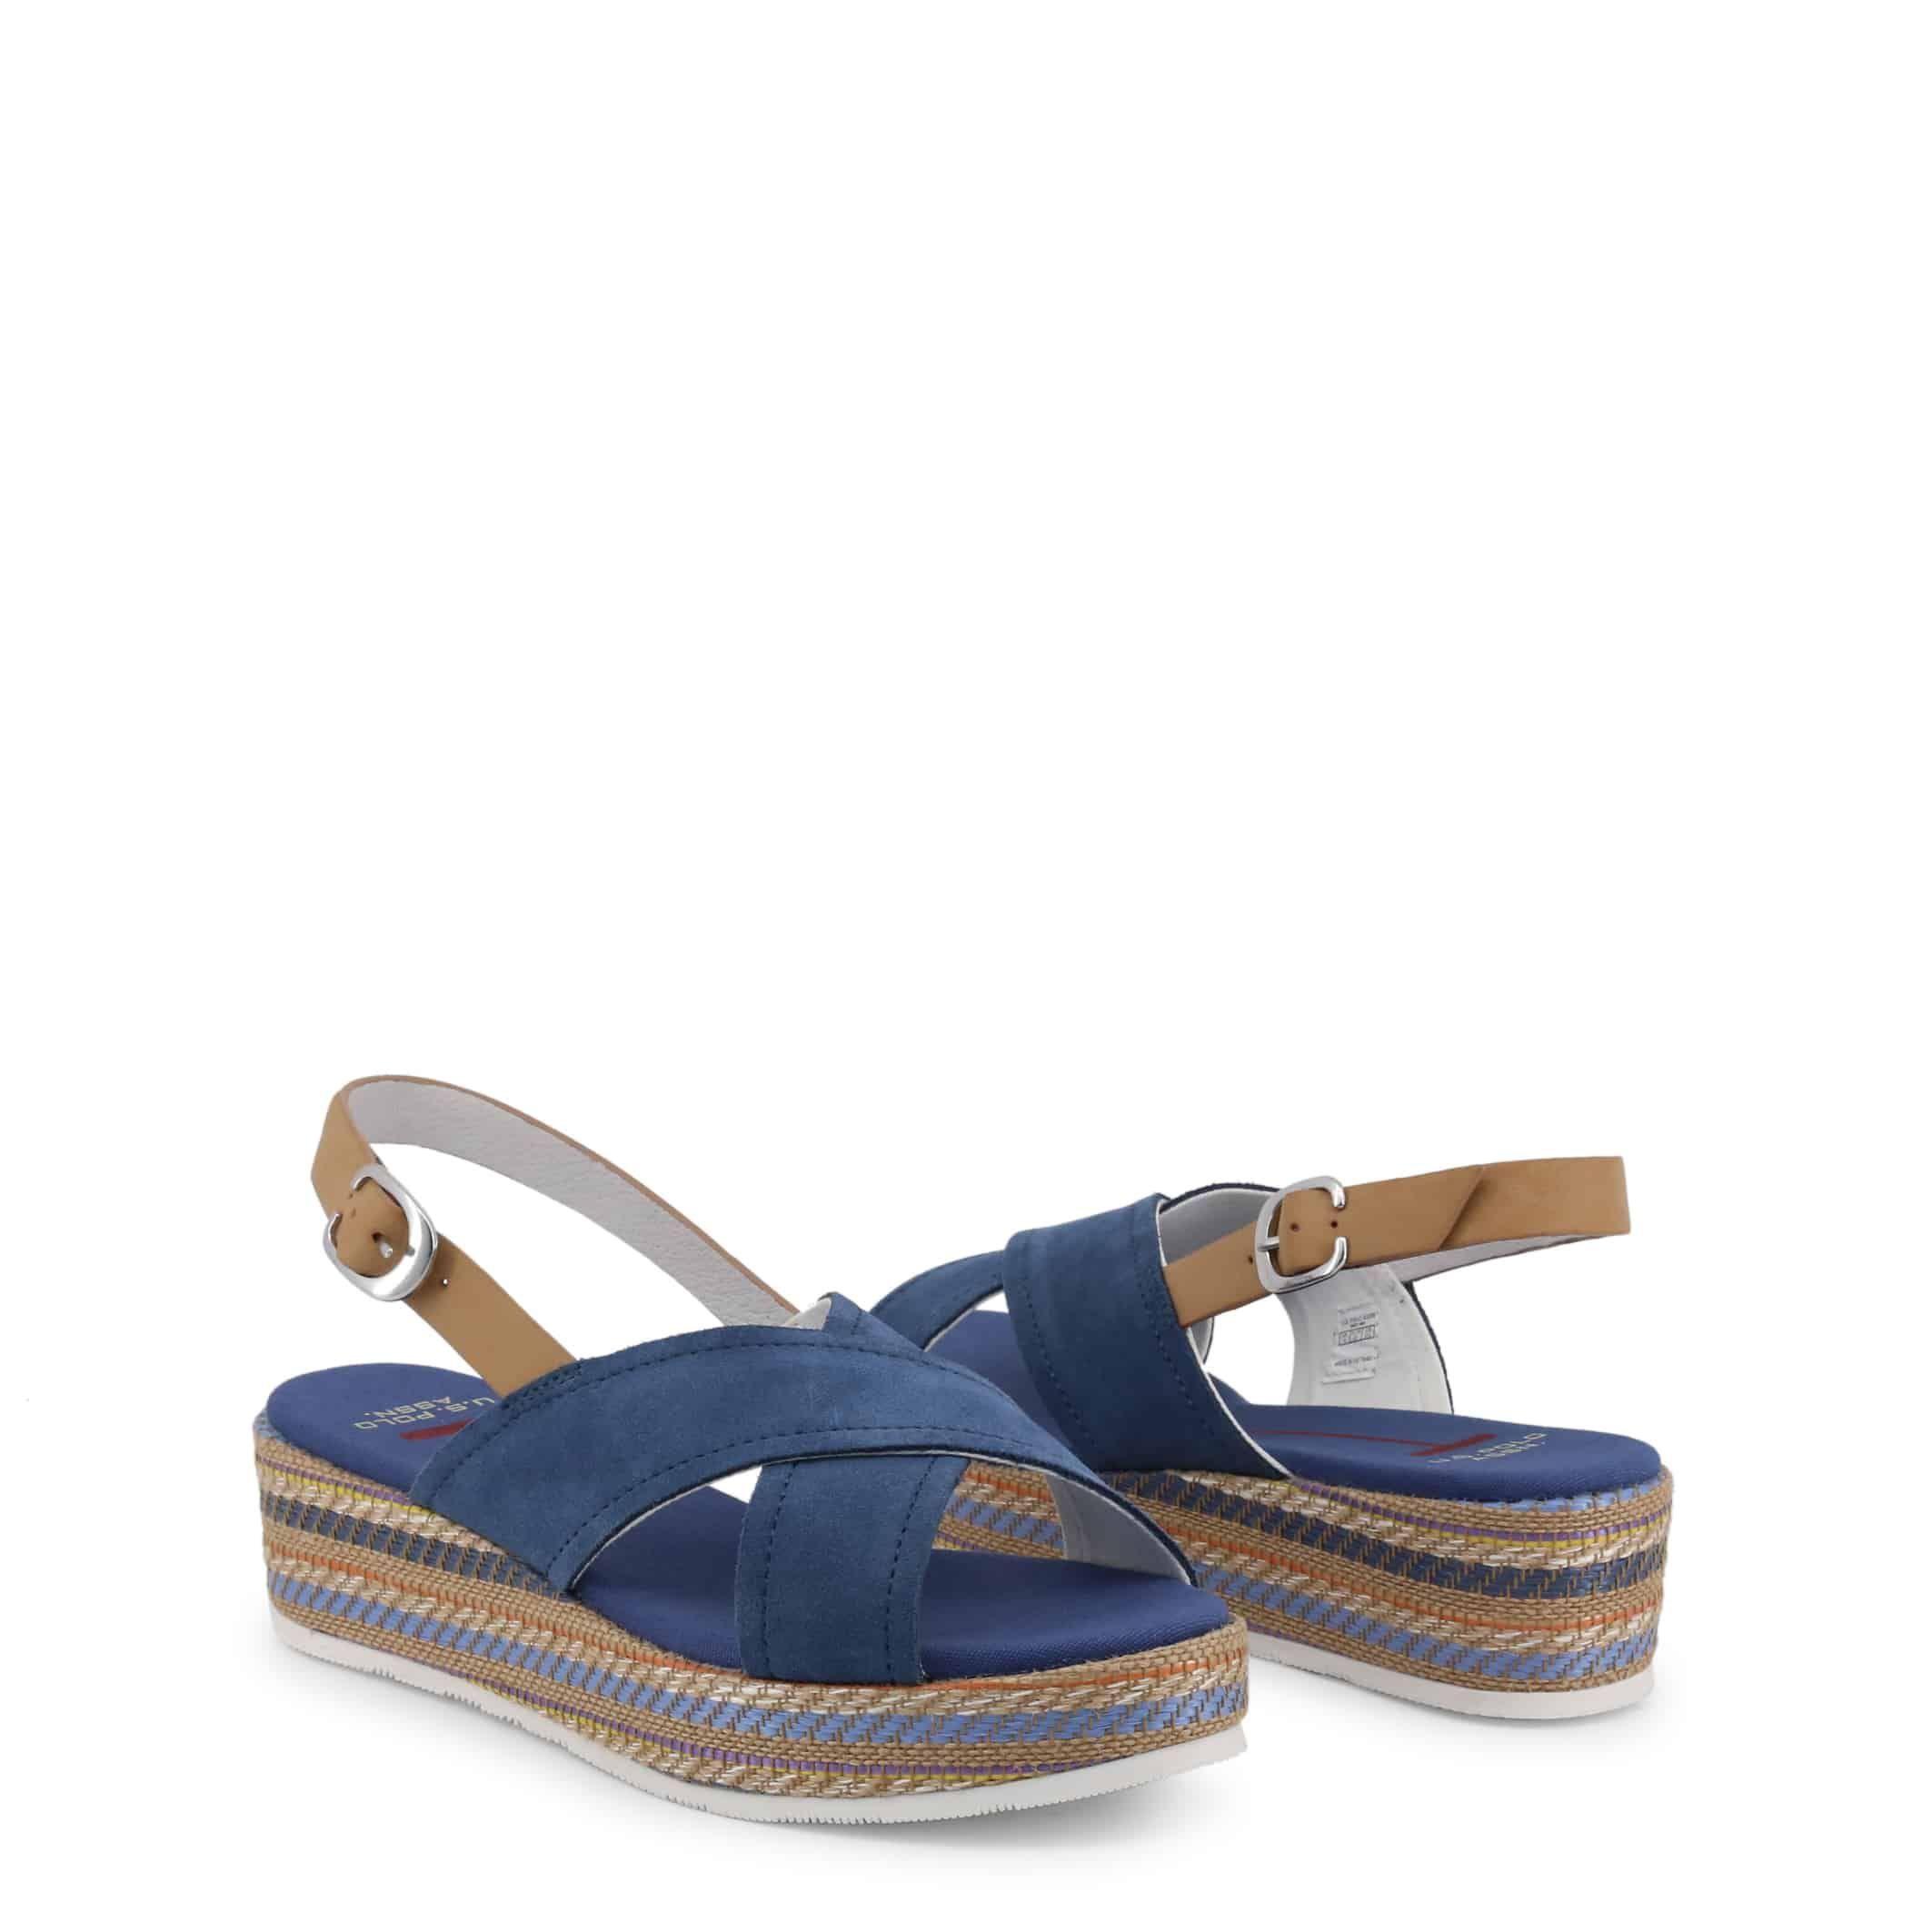 U.S. Polo Assn. - JENNA4081S9_S1    You Fashion Outlet